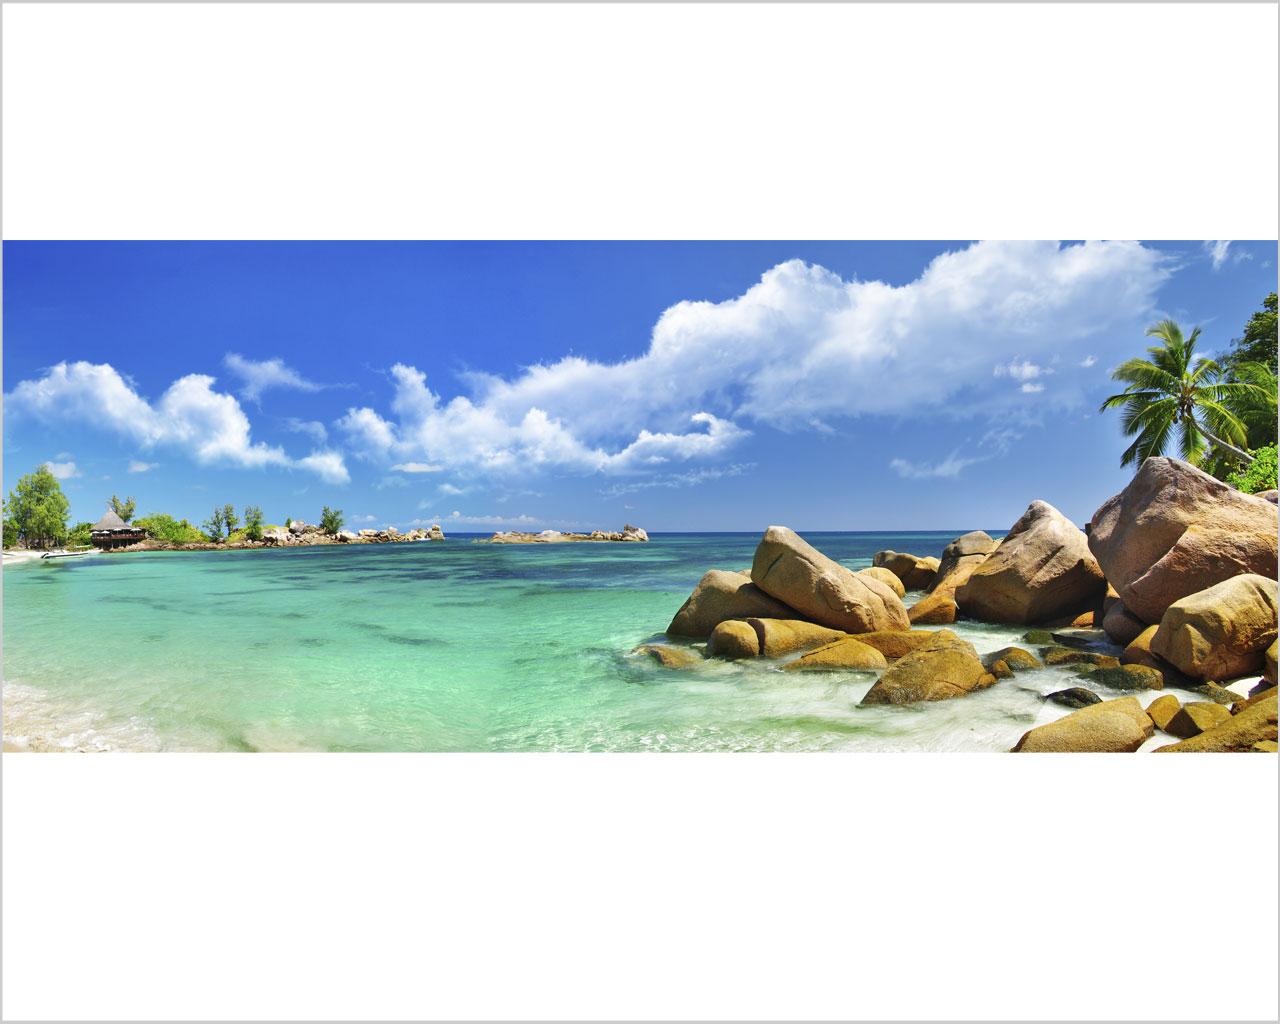 PARADISO TROPICALE – Natura – Stampa Su Tela  #254BA6 1280 1024 Dimensione Minima Sala Da Pranzo